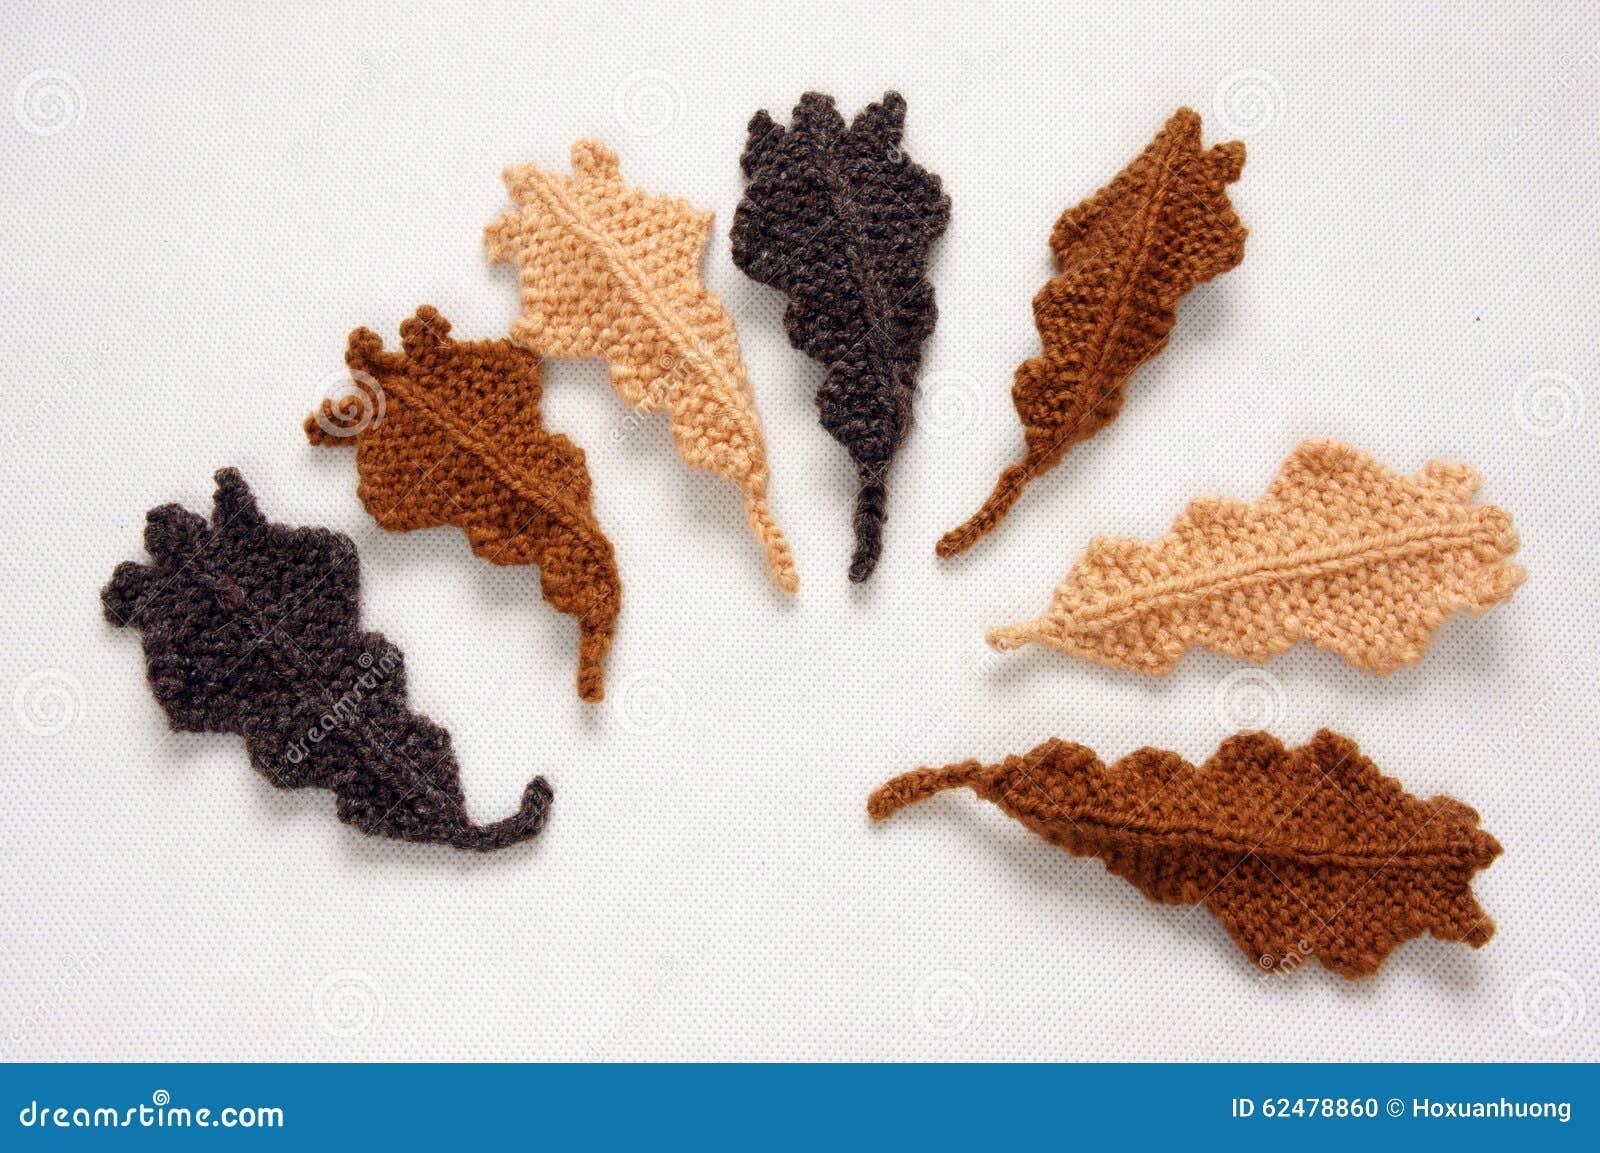 手工制造产品,假日,编织的装饰品,圣诞节